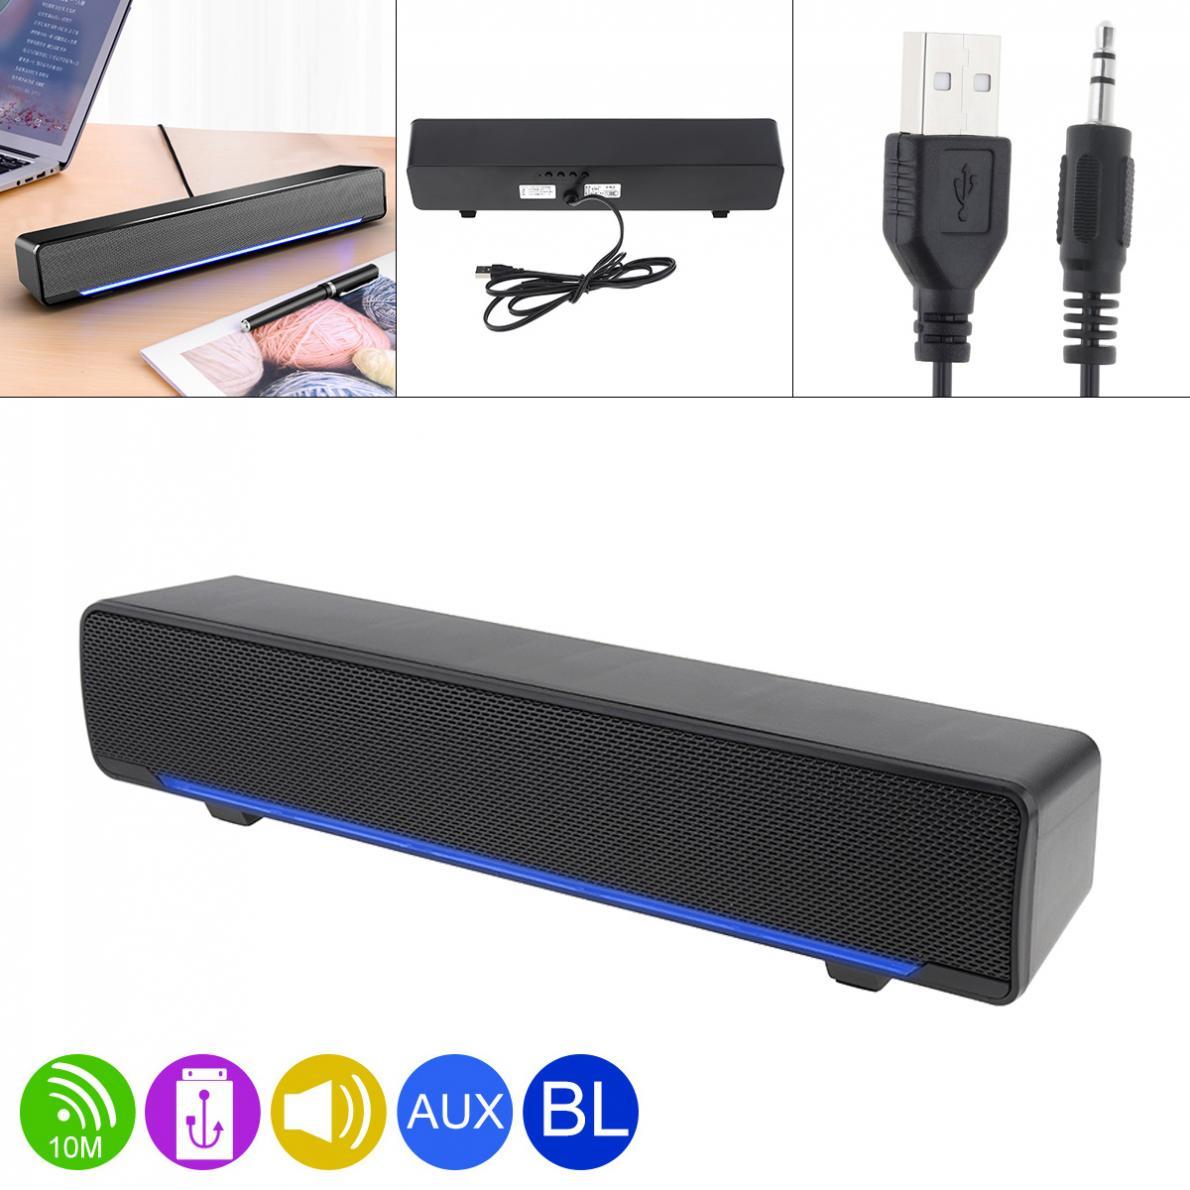 SADA V-196 Bluetooth полосная Колонка Беспроводная настольная мультимедийная звуковая панель со смешанным звуком для дома/офиса